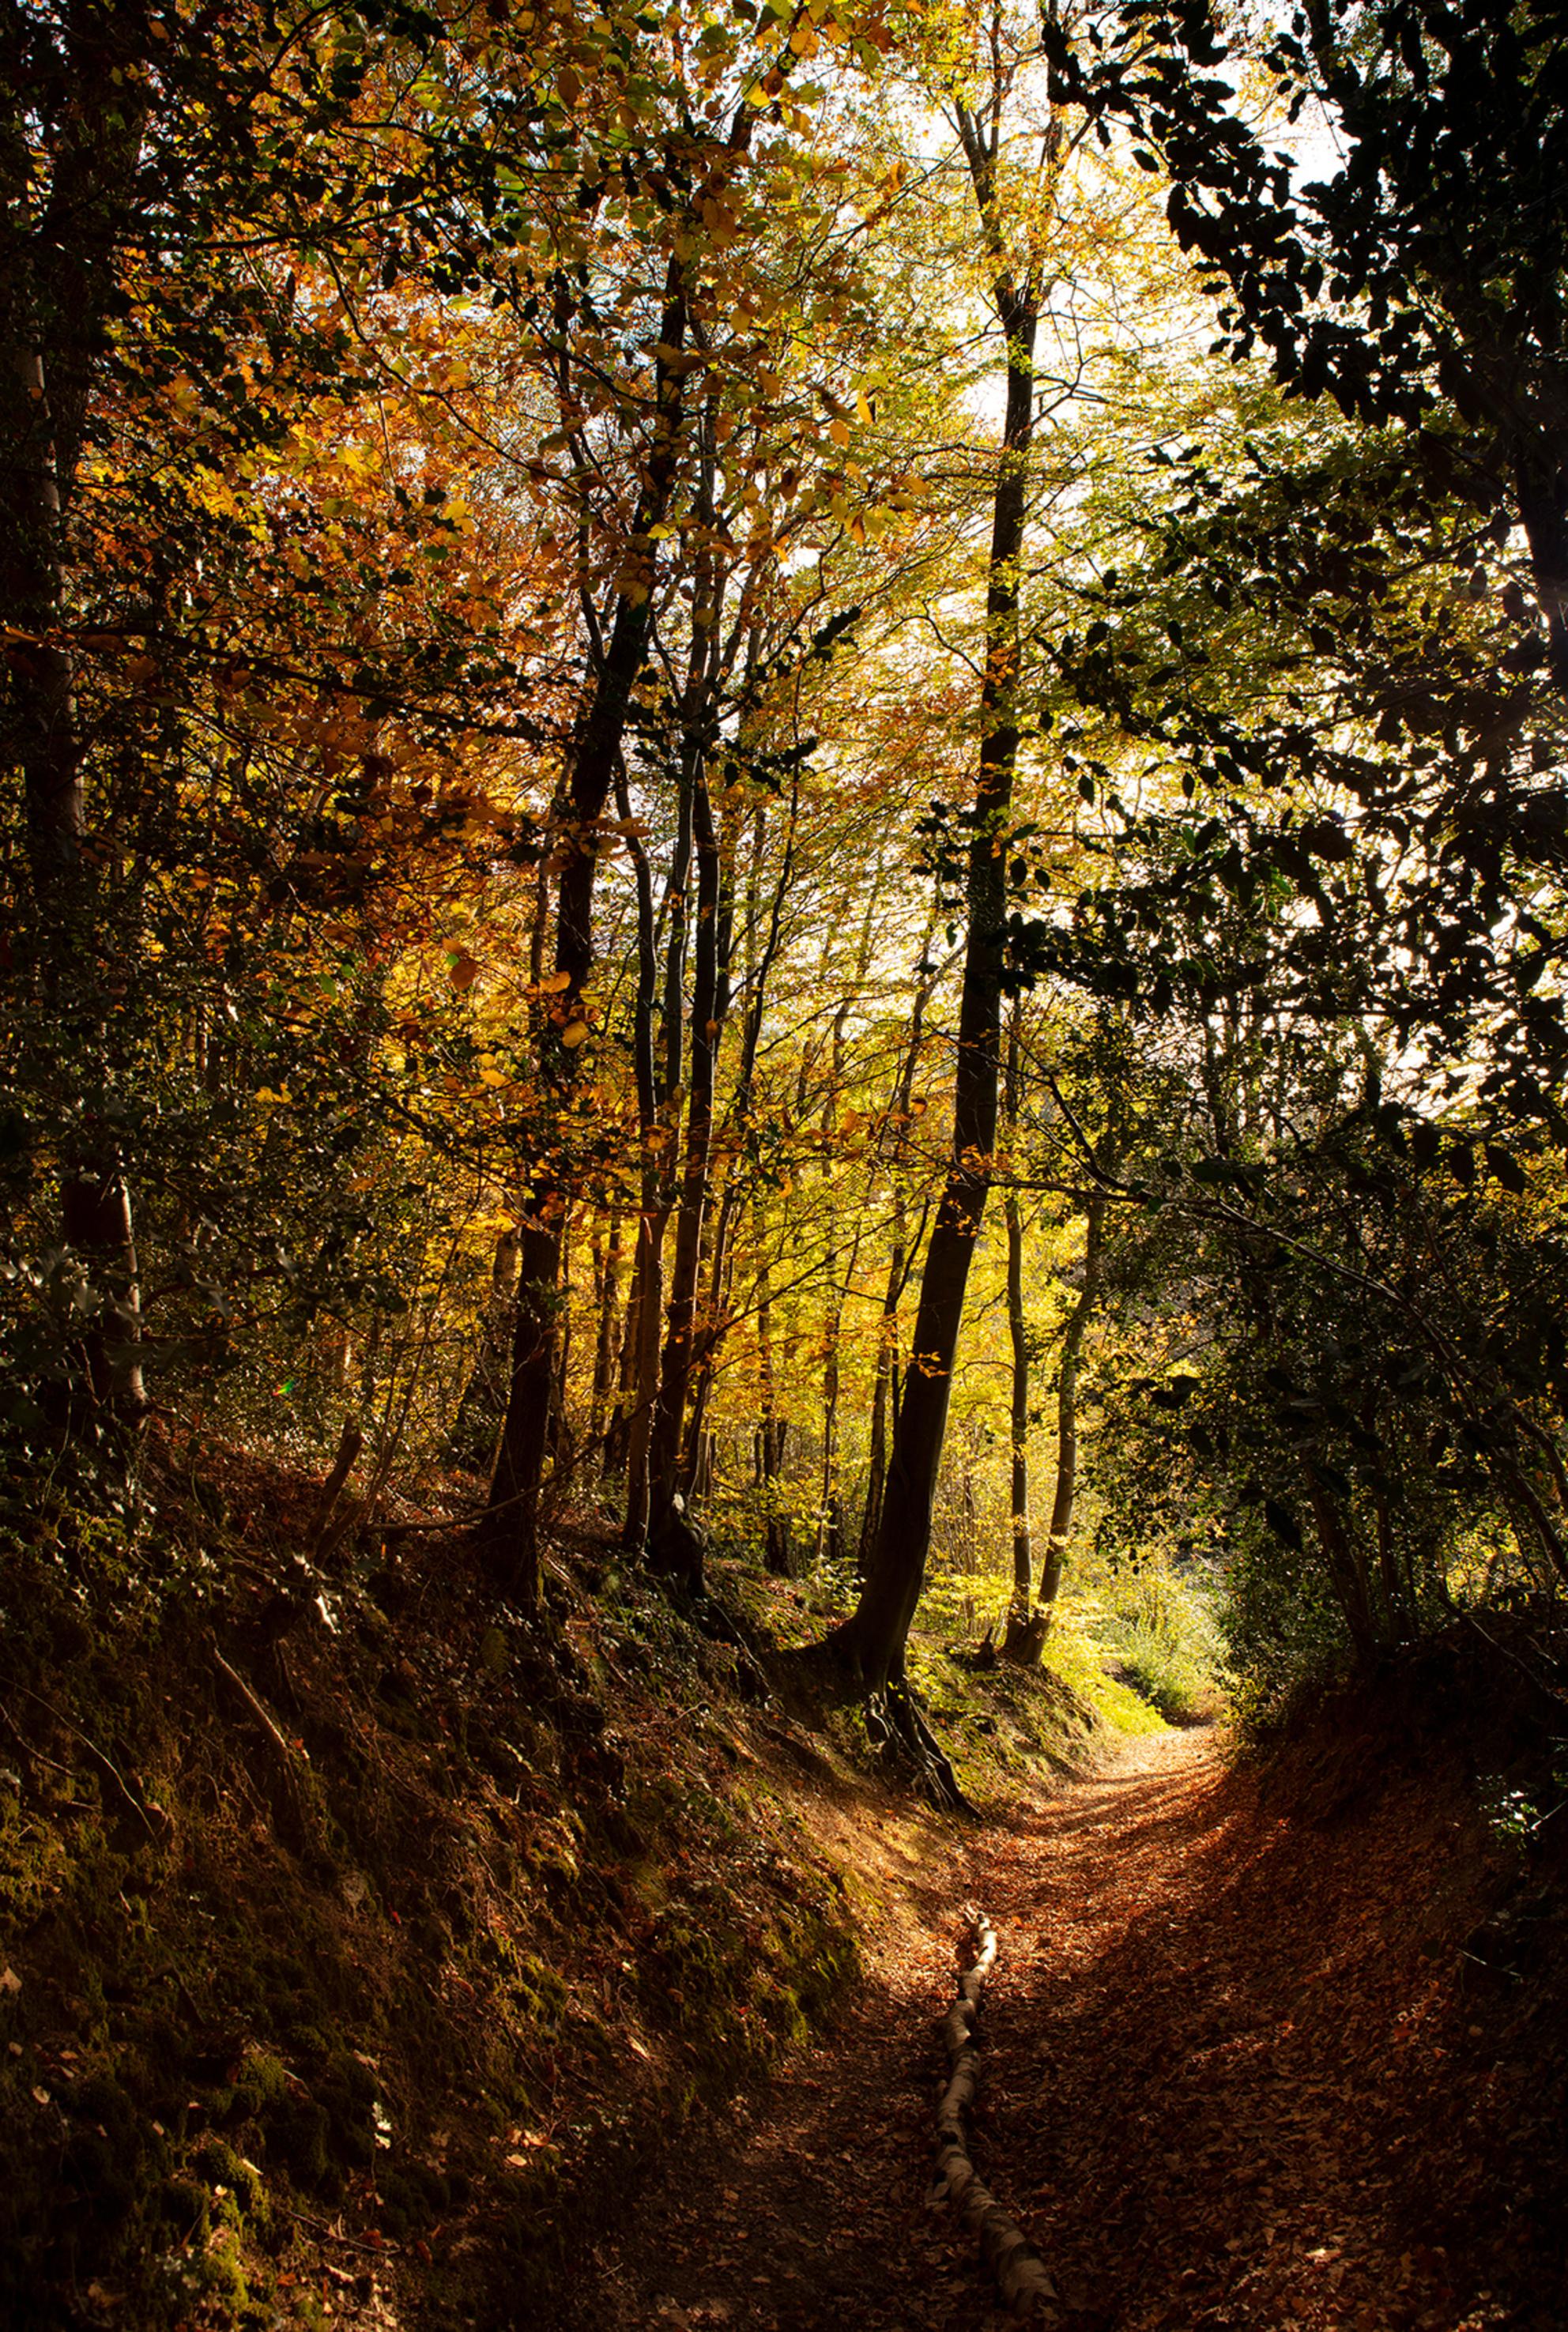 VIJLENERBOS14 - Vijlenerbos holleweg Zuid-Limburg - foto door TonGeers op 16-11-2020 - deze foto bevat: natuur, herfst, bos, bomen, vijlenerbos, zuid-limburg - Deze foto mag gebruikt worden in een Zoom.nl publicatie